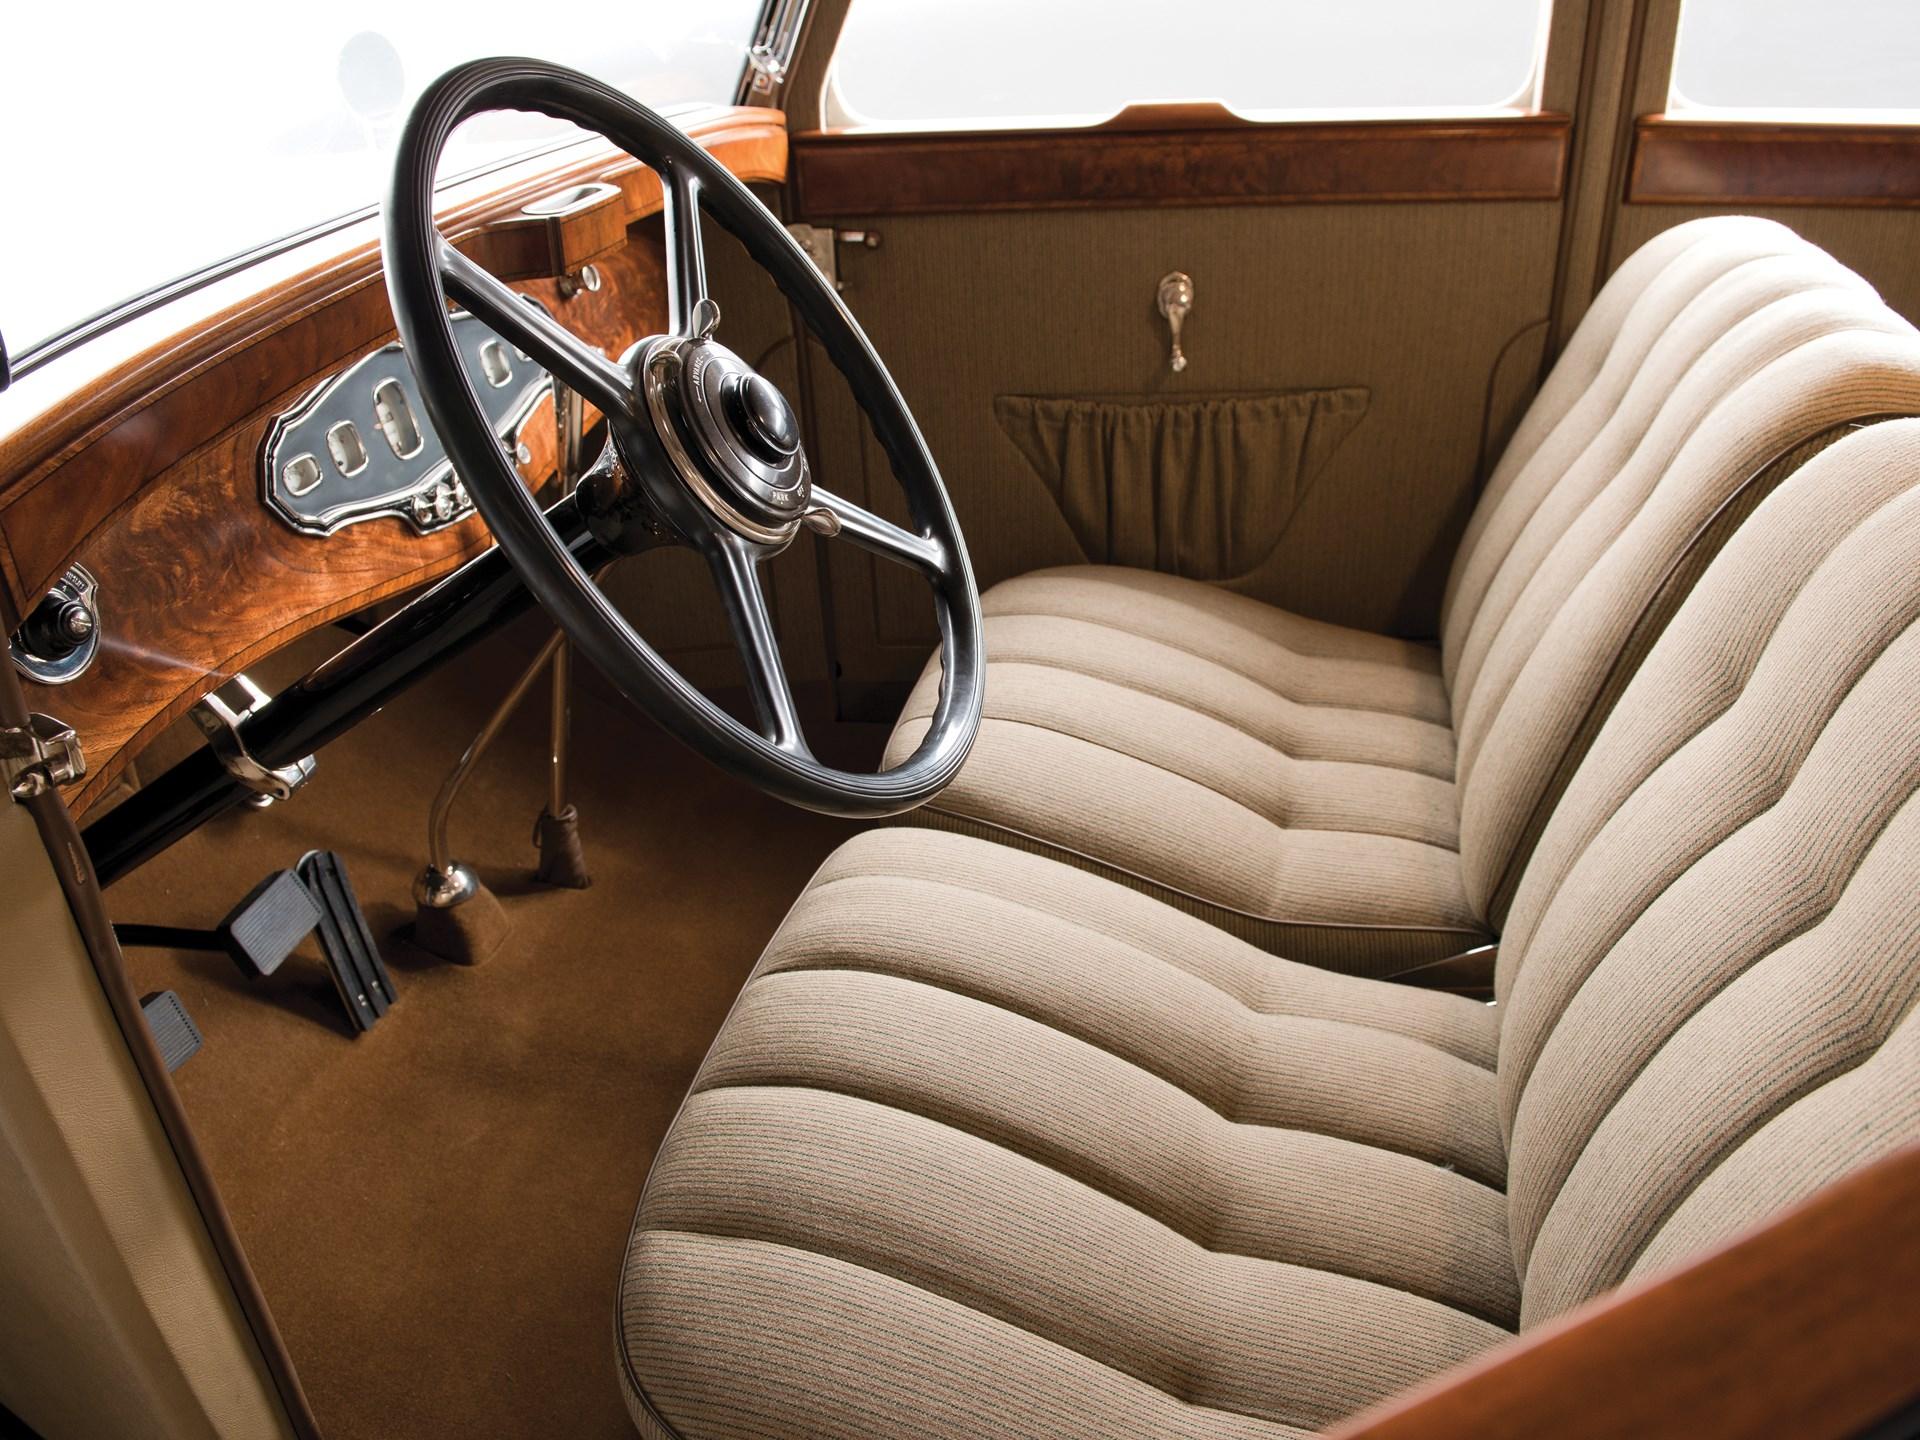 1930 Stutz SV-16 Monte Carlo by Weymann